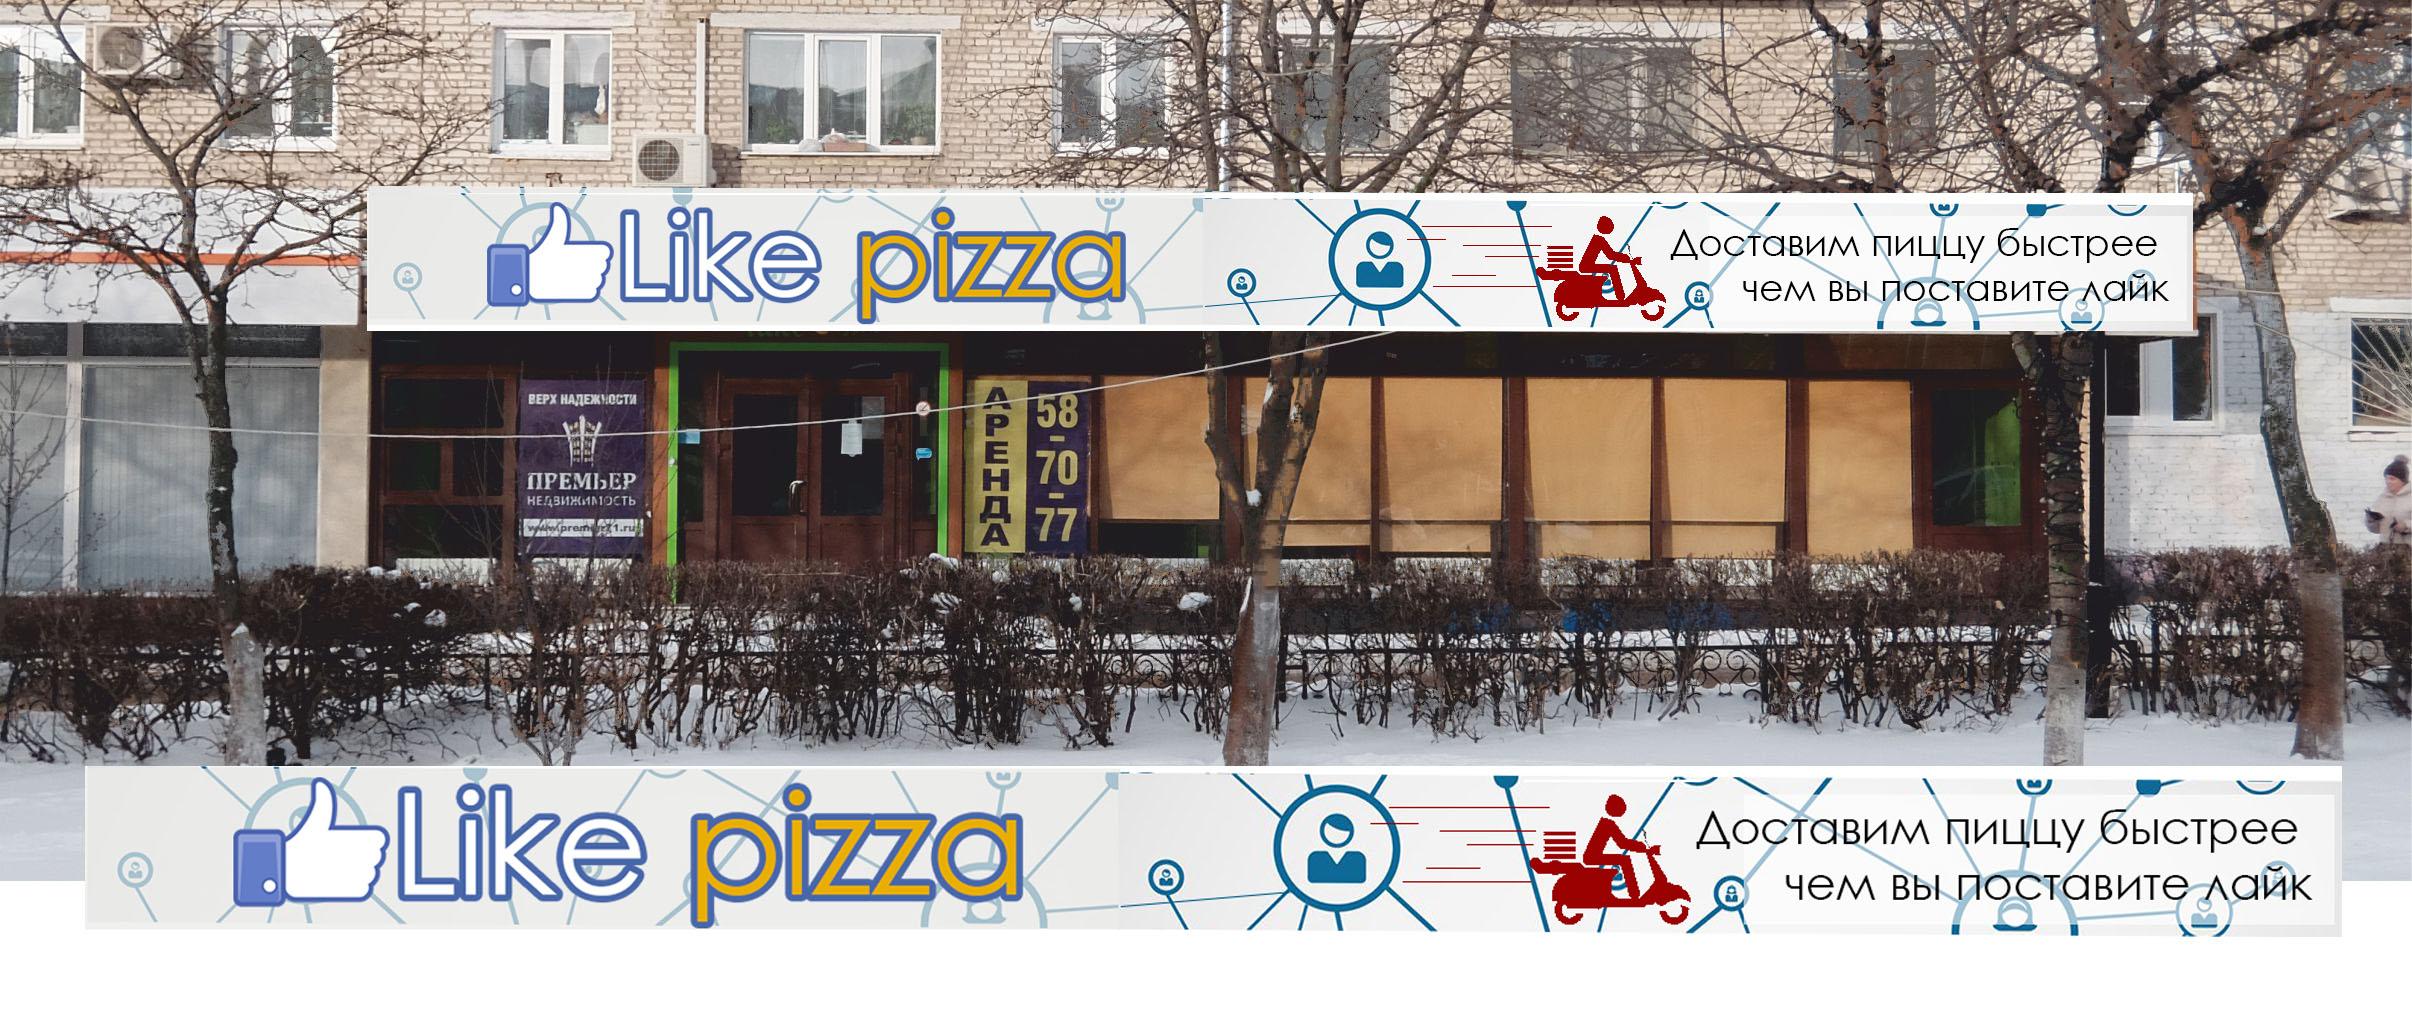 Дизайн уличного козырька с вывеской для пиццерии фото f_92758722acd7f97e.jpg